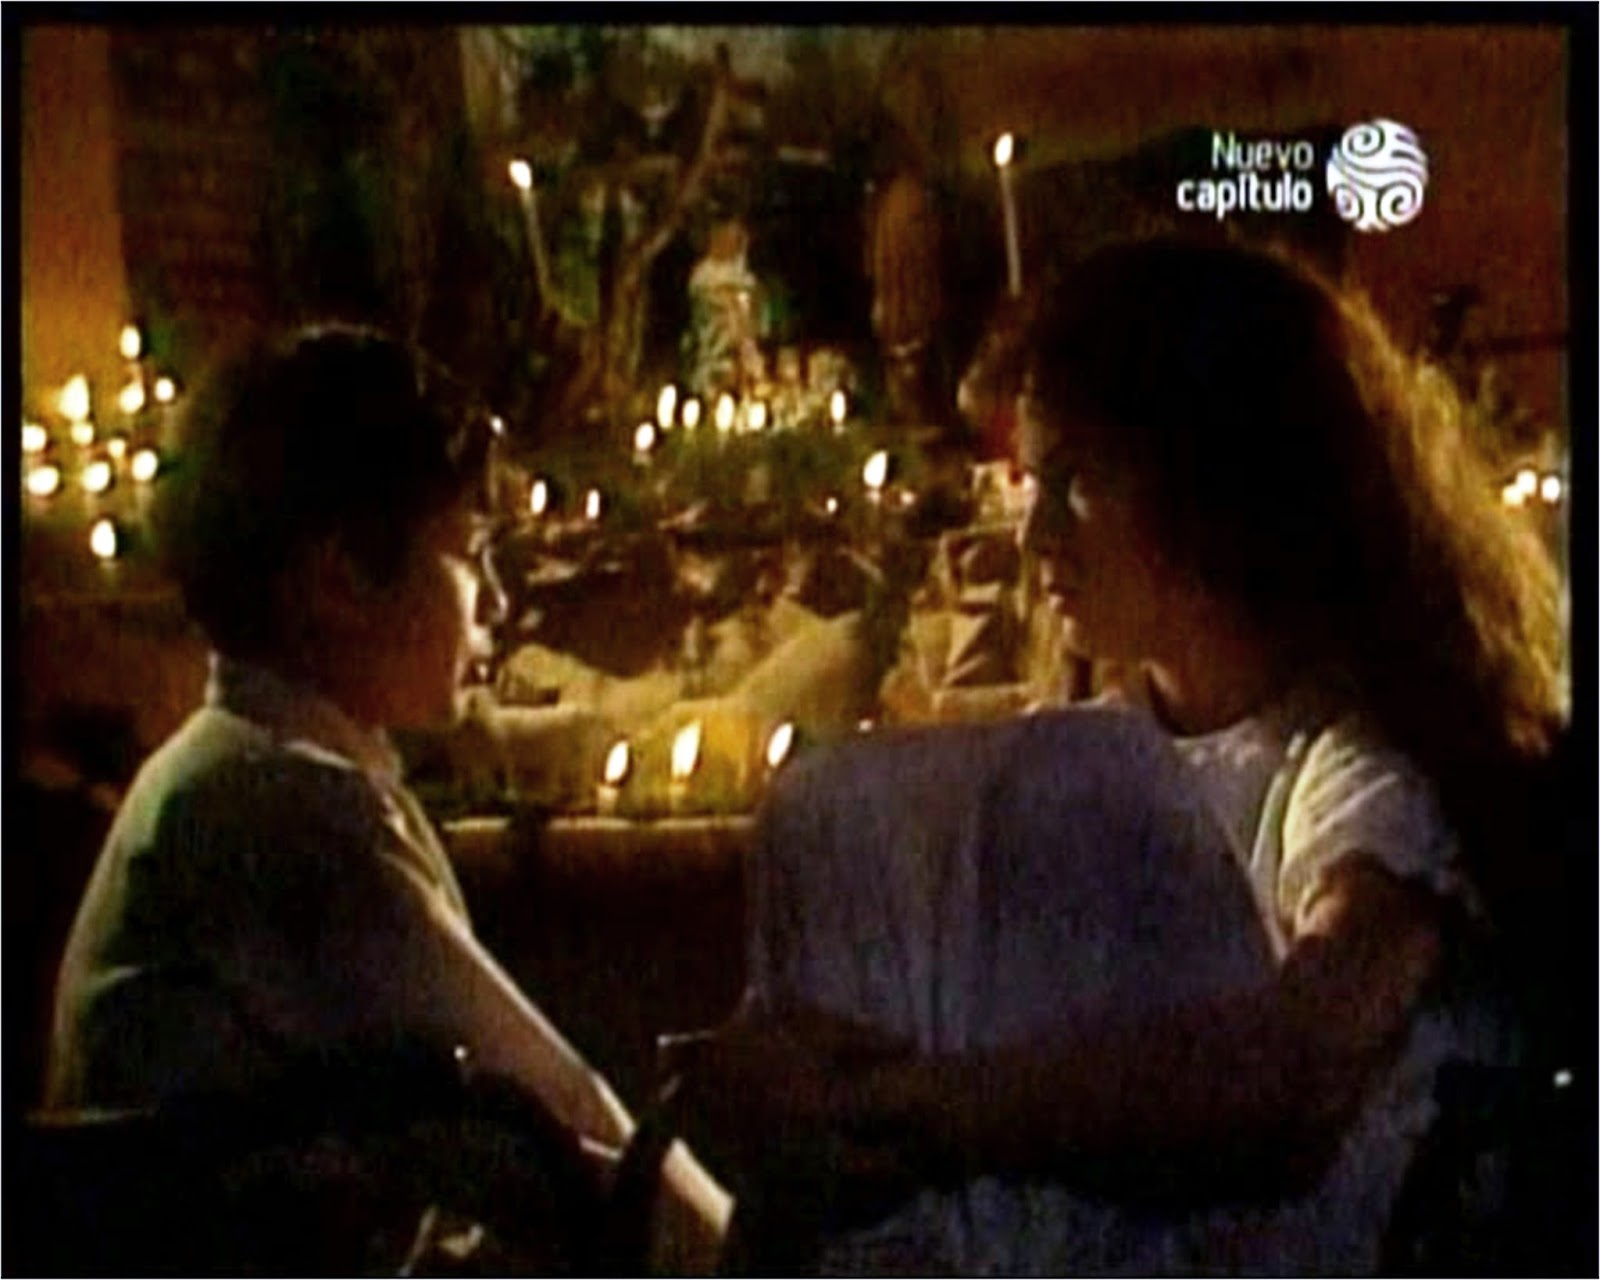 Danna García fotos..La Casa de las dos Palmas 1990 - Página 3 EVANGELINA+(DANNA+GARCIA+NI%C3%91A)+ZZB